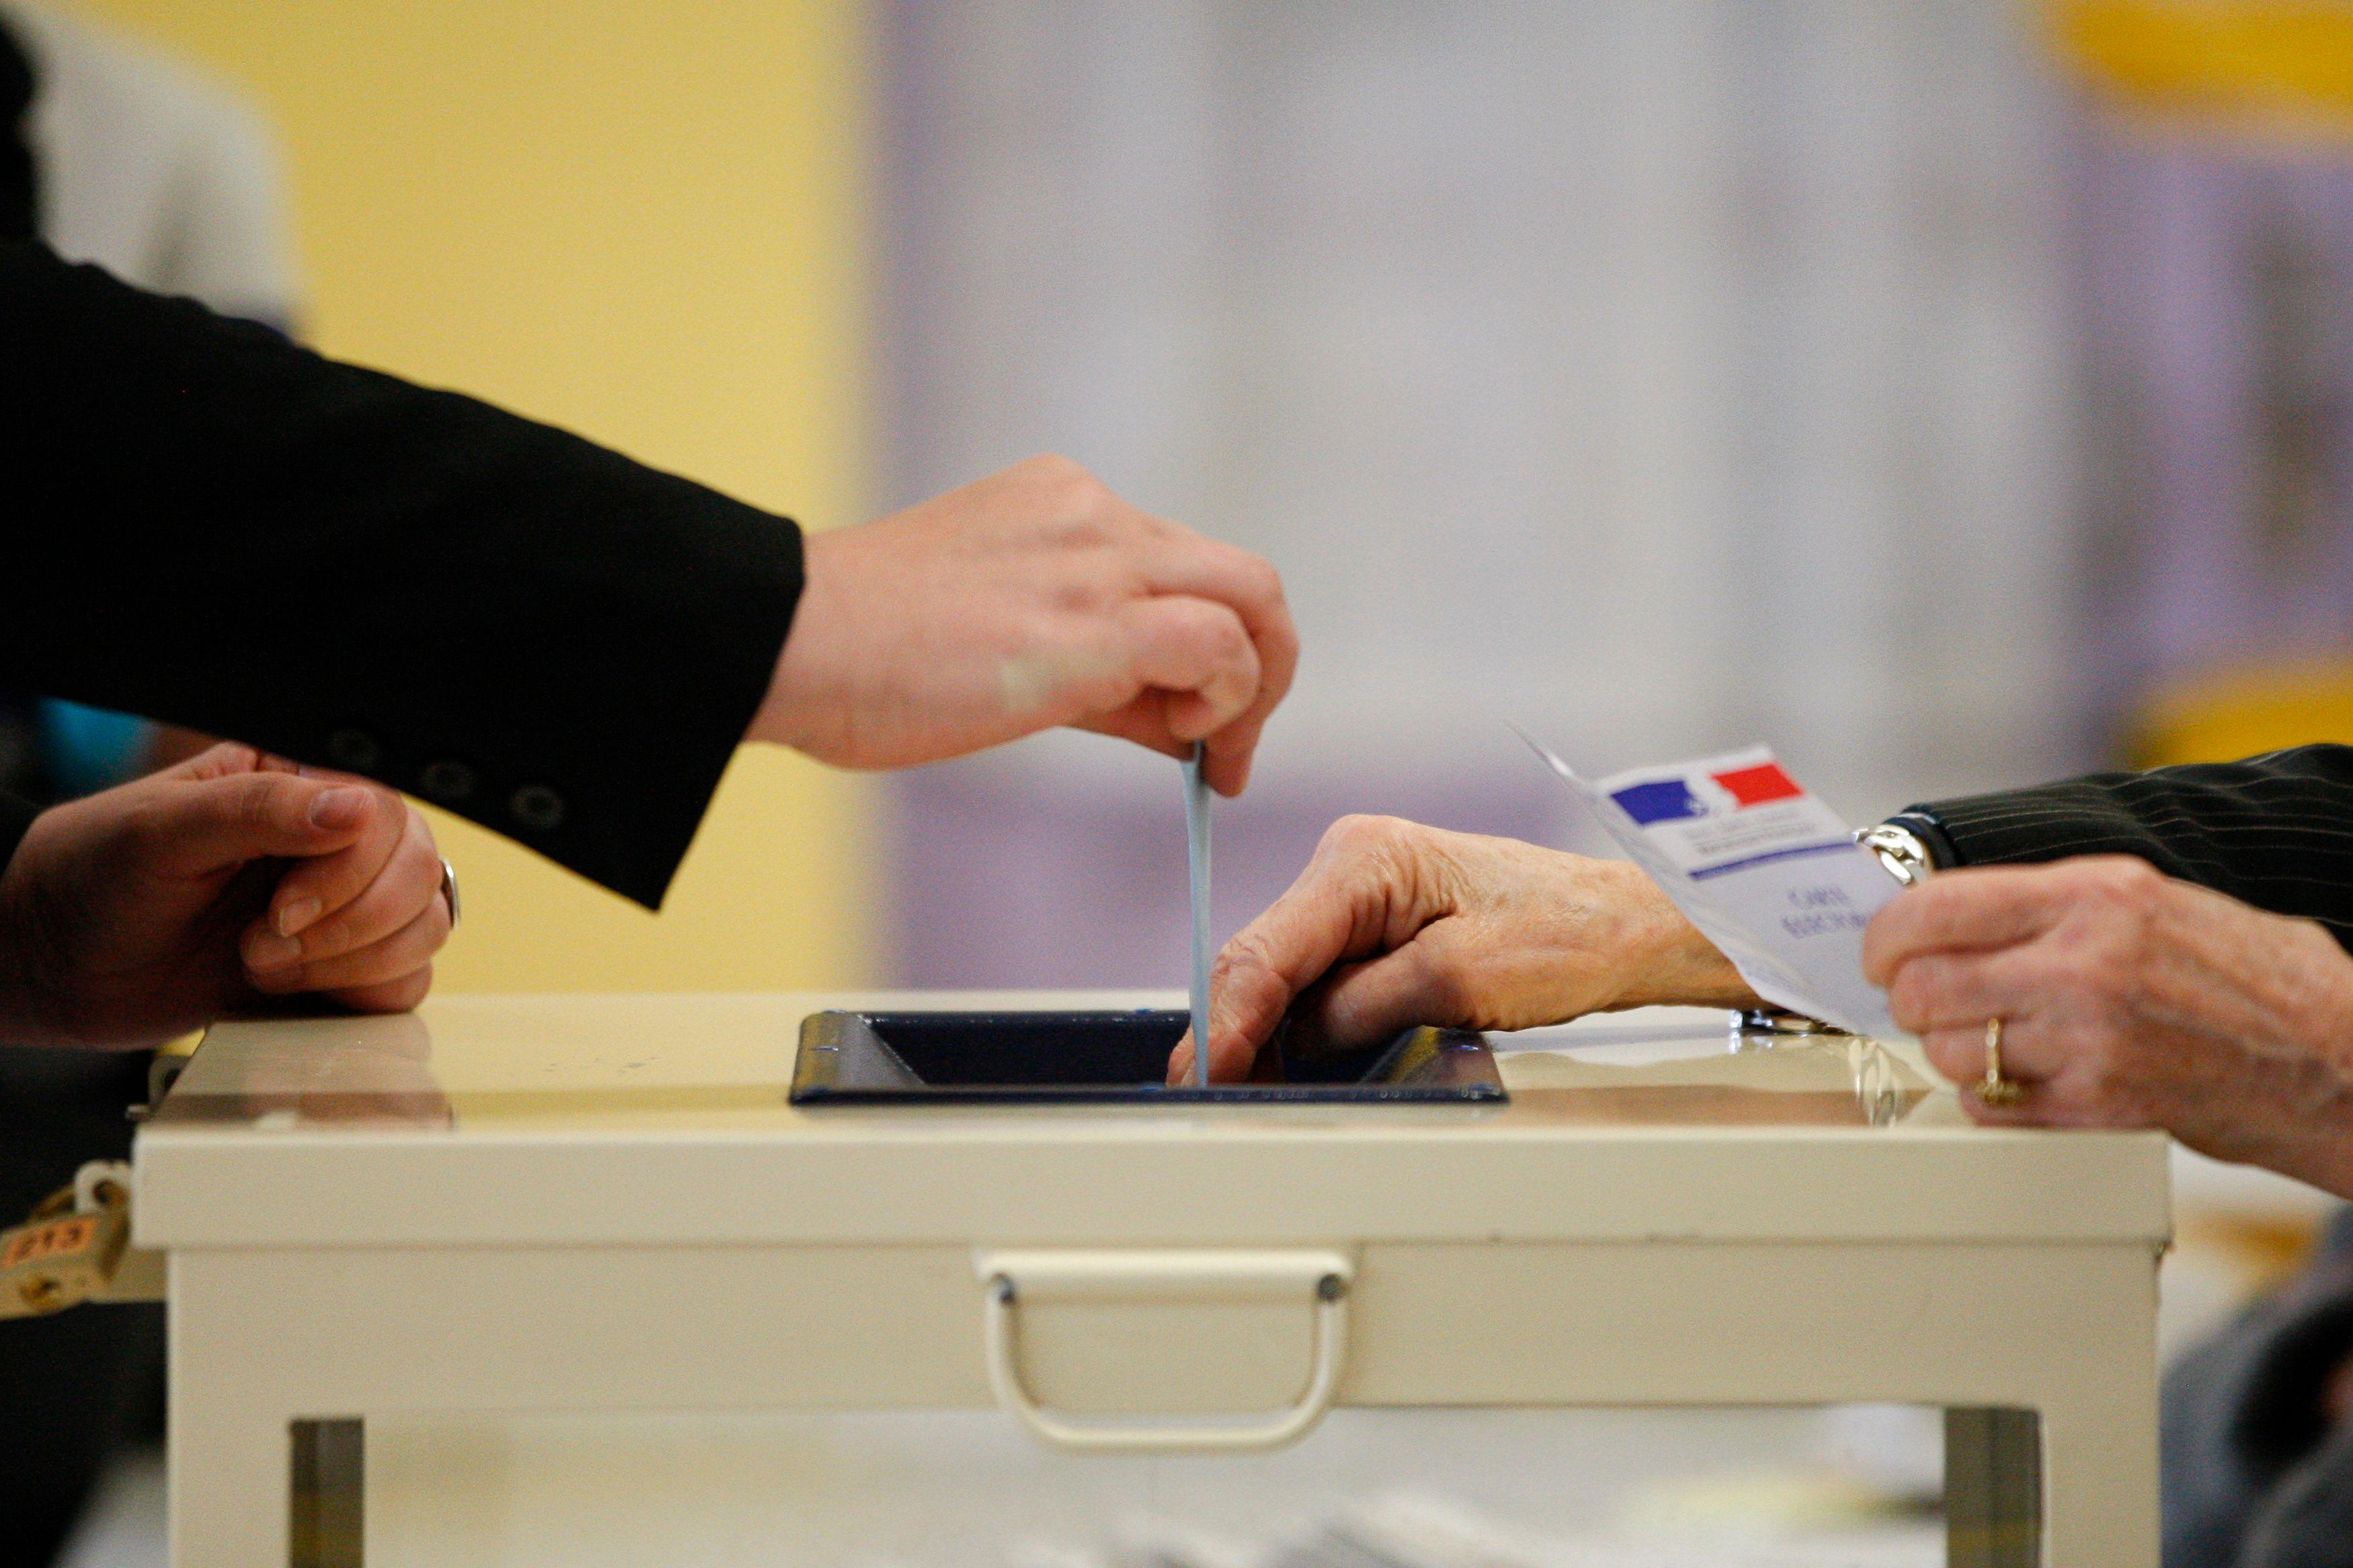 Le Baromètre du Cevipof montre une nette érosion de la confiance des Français dans les institutions nationales.